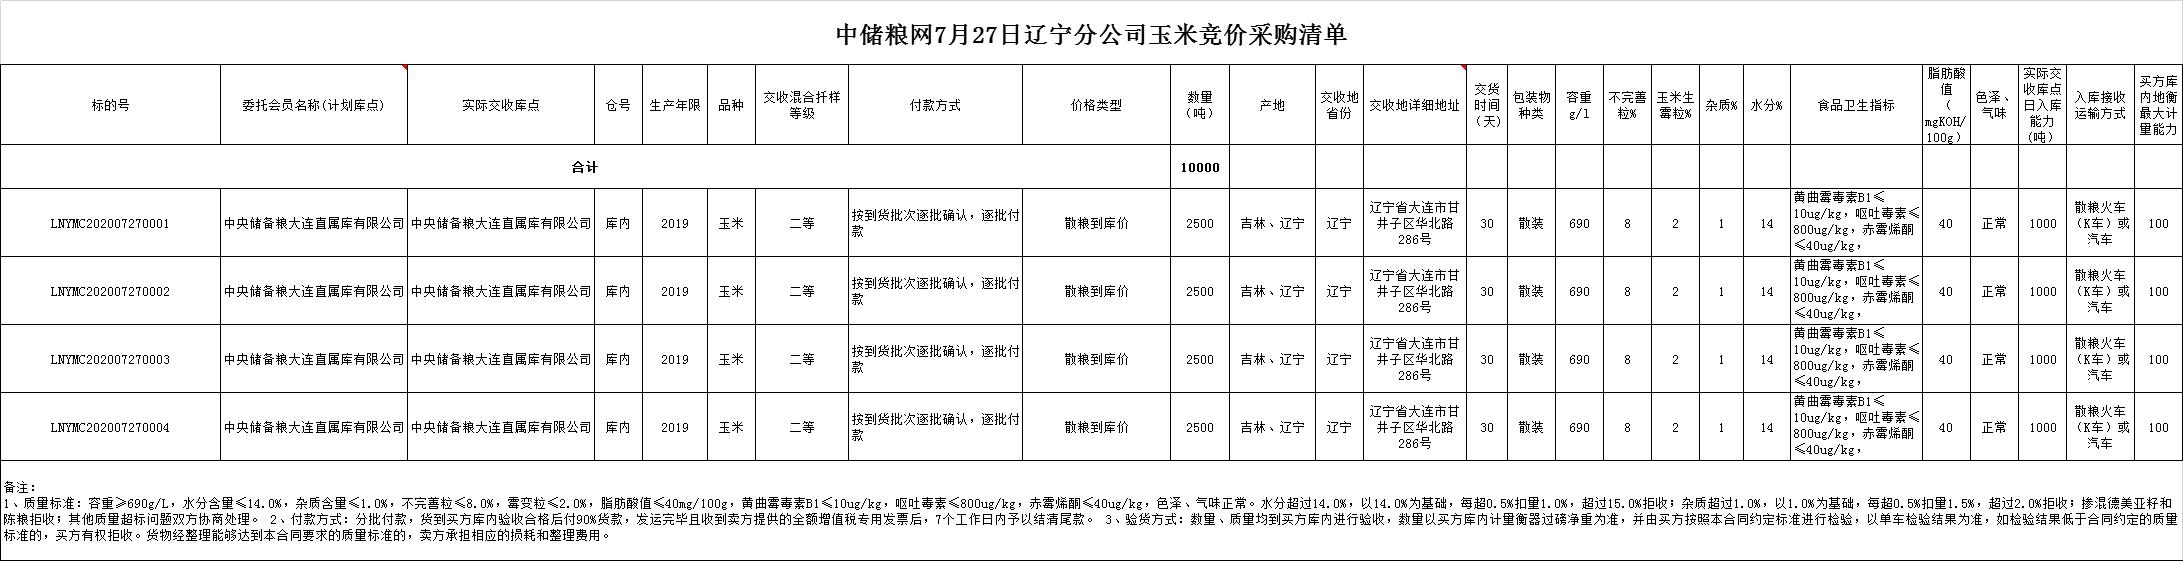 【地储拍卖】关于举办7月27日辽